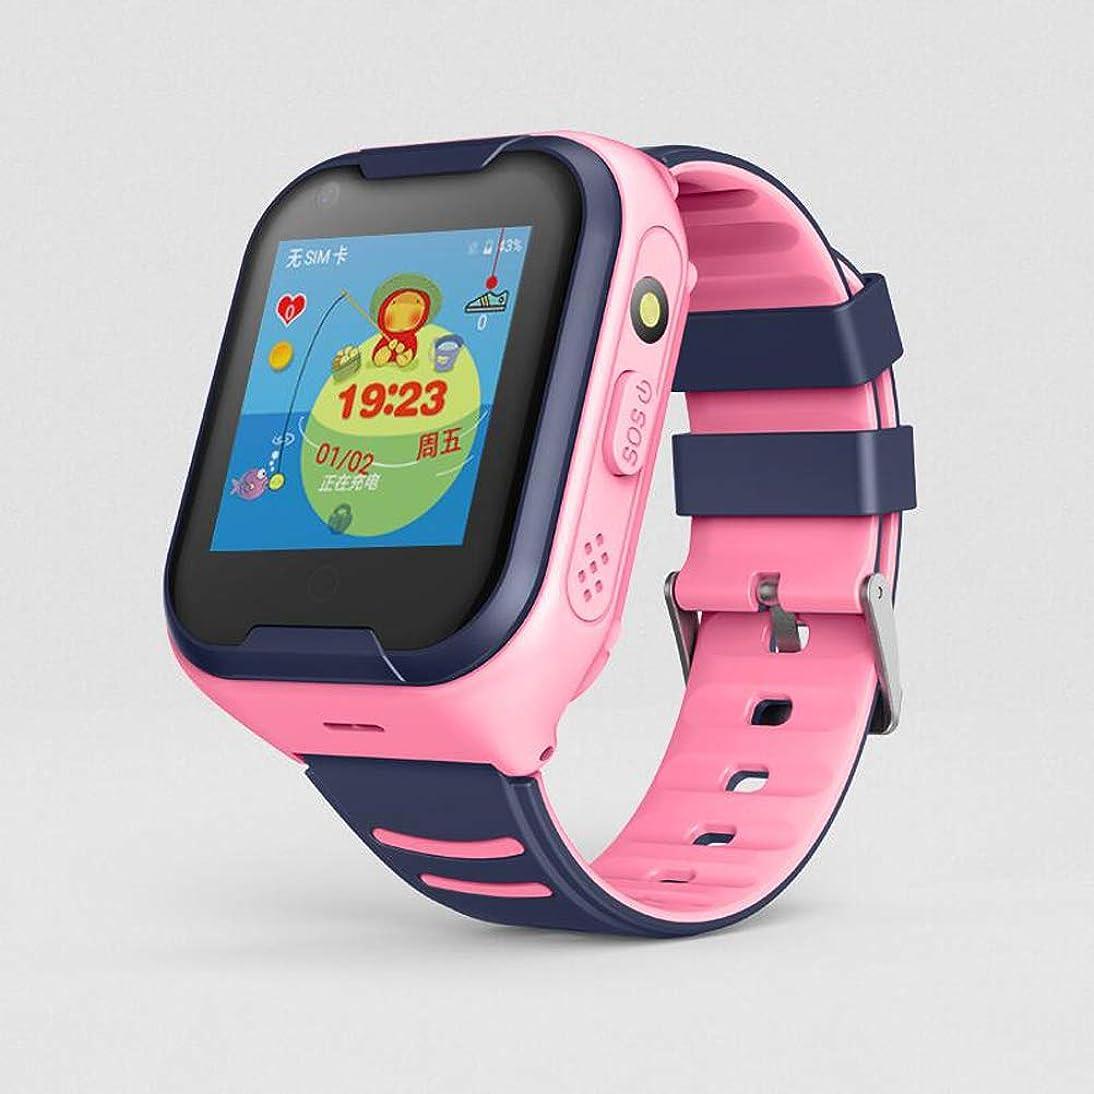 くつろぎ拘束するうぬぼれA36キッズgpsスマートウォッチ4グラム腕時計子供用wmartチャイルドクロック付きwifi場所sosコールトラッカーデバイスip67,Pink